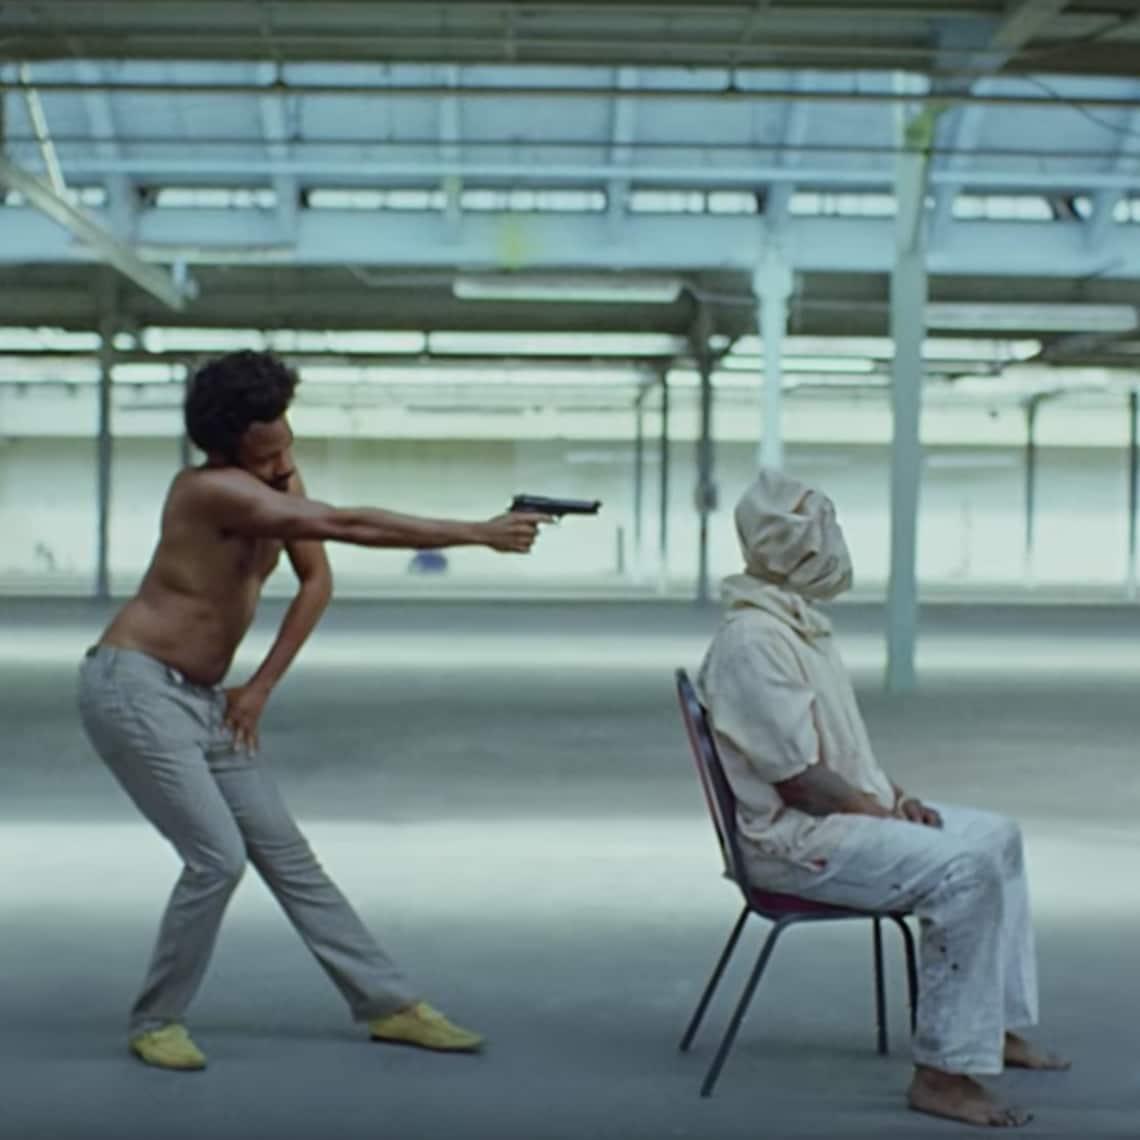 Childish Gambinos neues Musikvideo zeigt Exekutionen, die wie nebenbei durchgeführt werden.